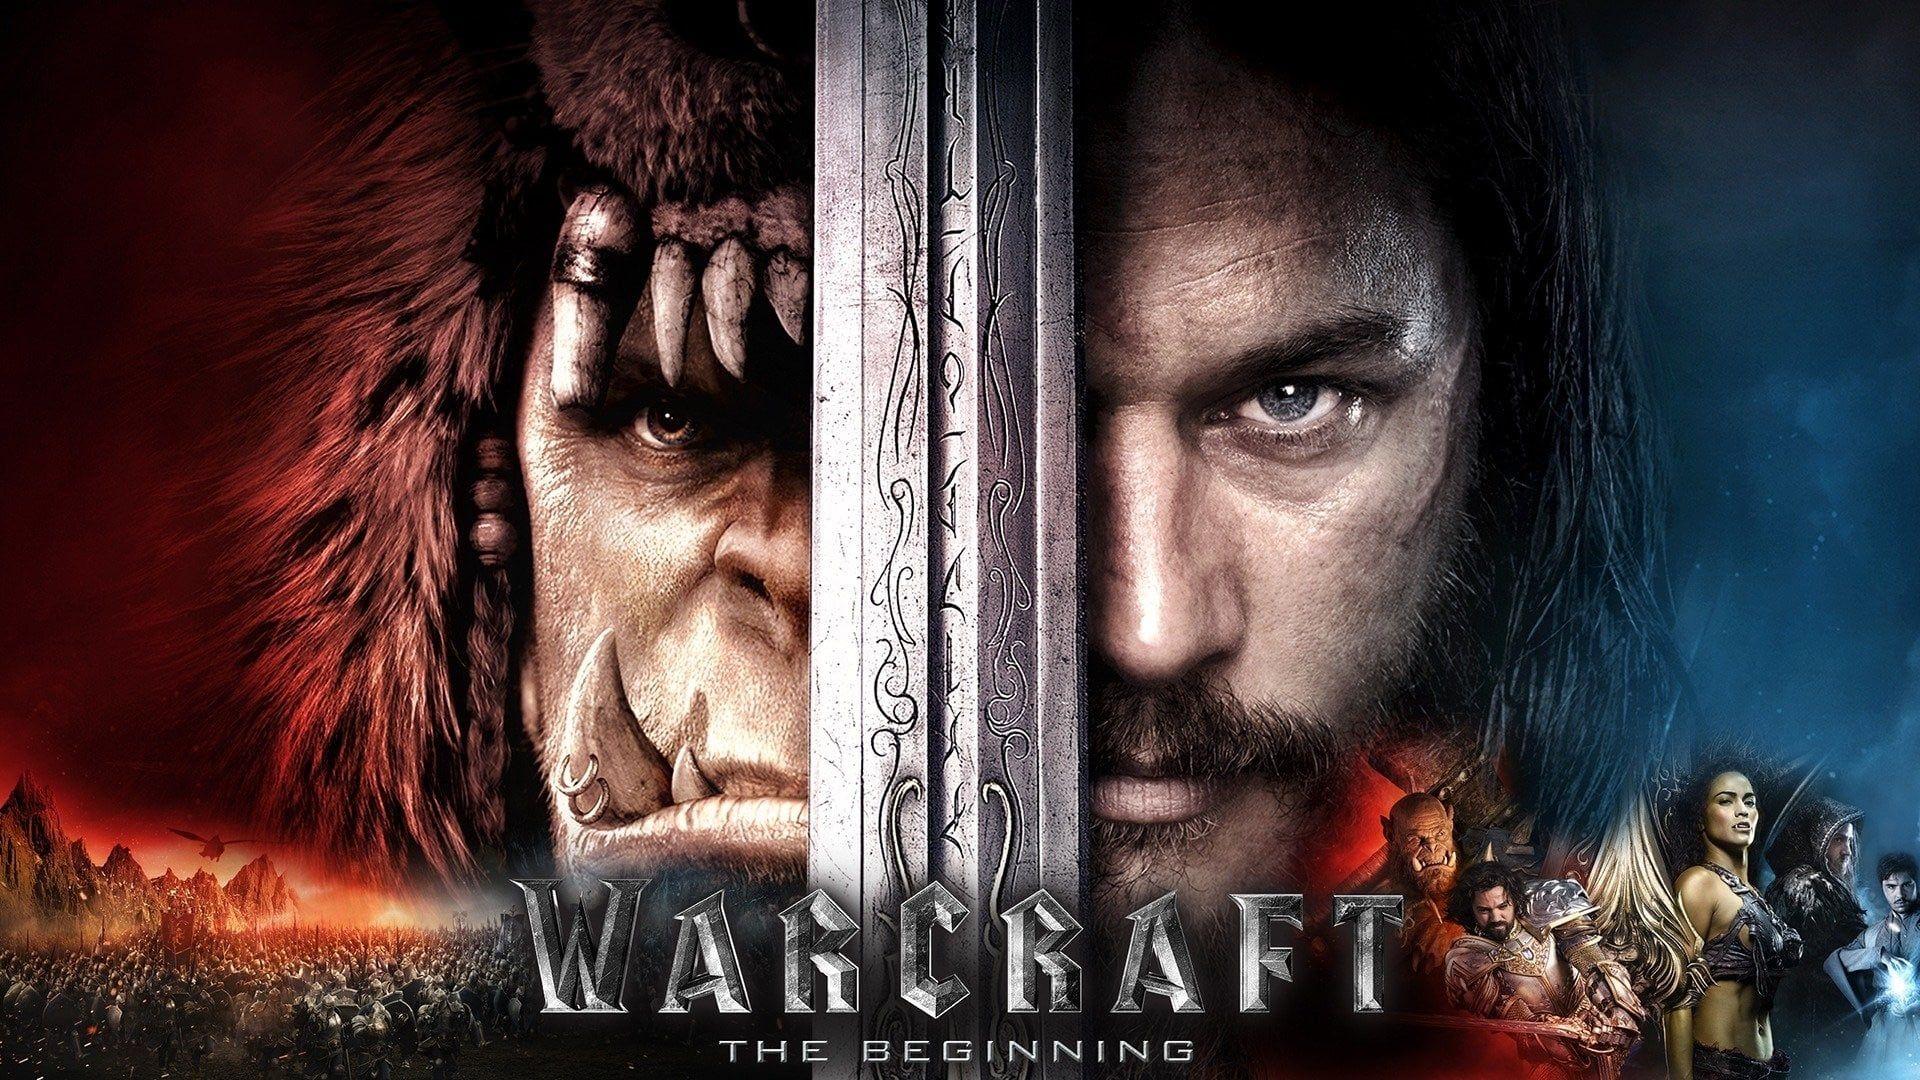 Watch Full Warcraft 2016 Movie Trailer At Www Restu Libraryjournal My Id